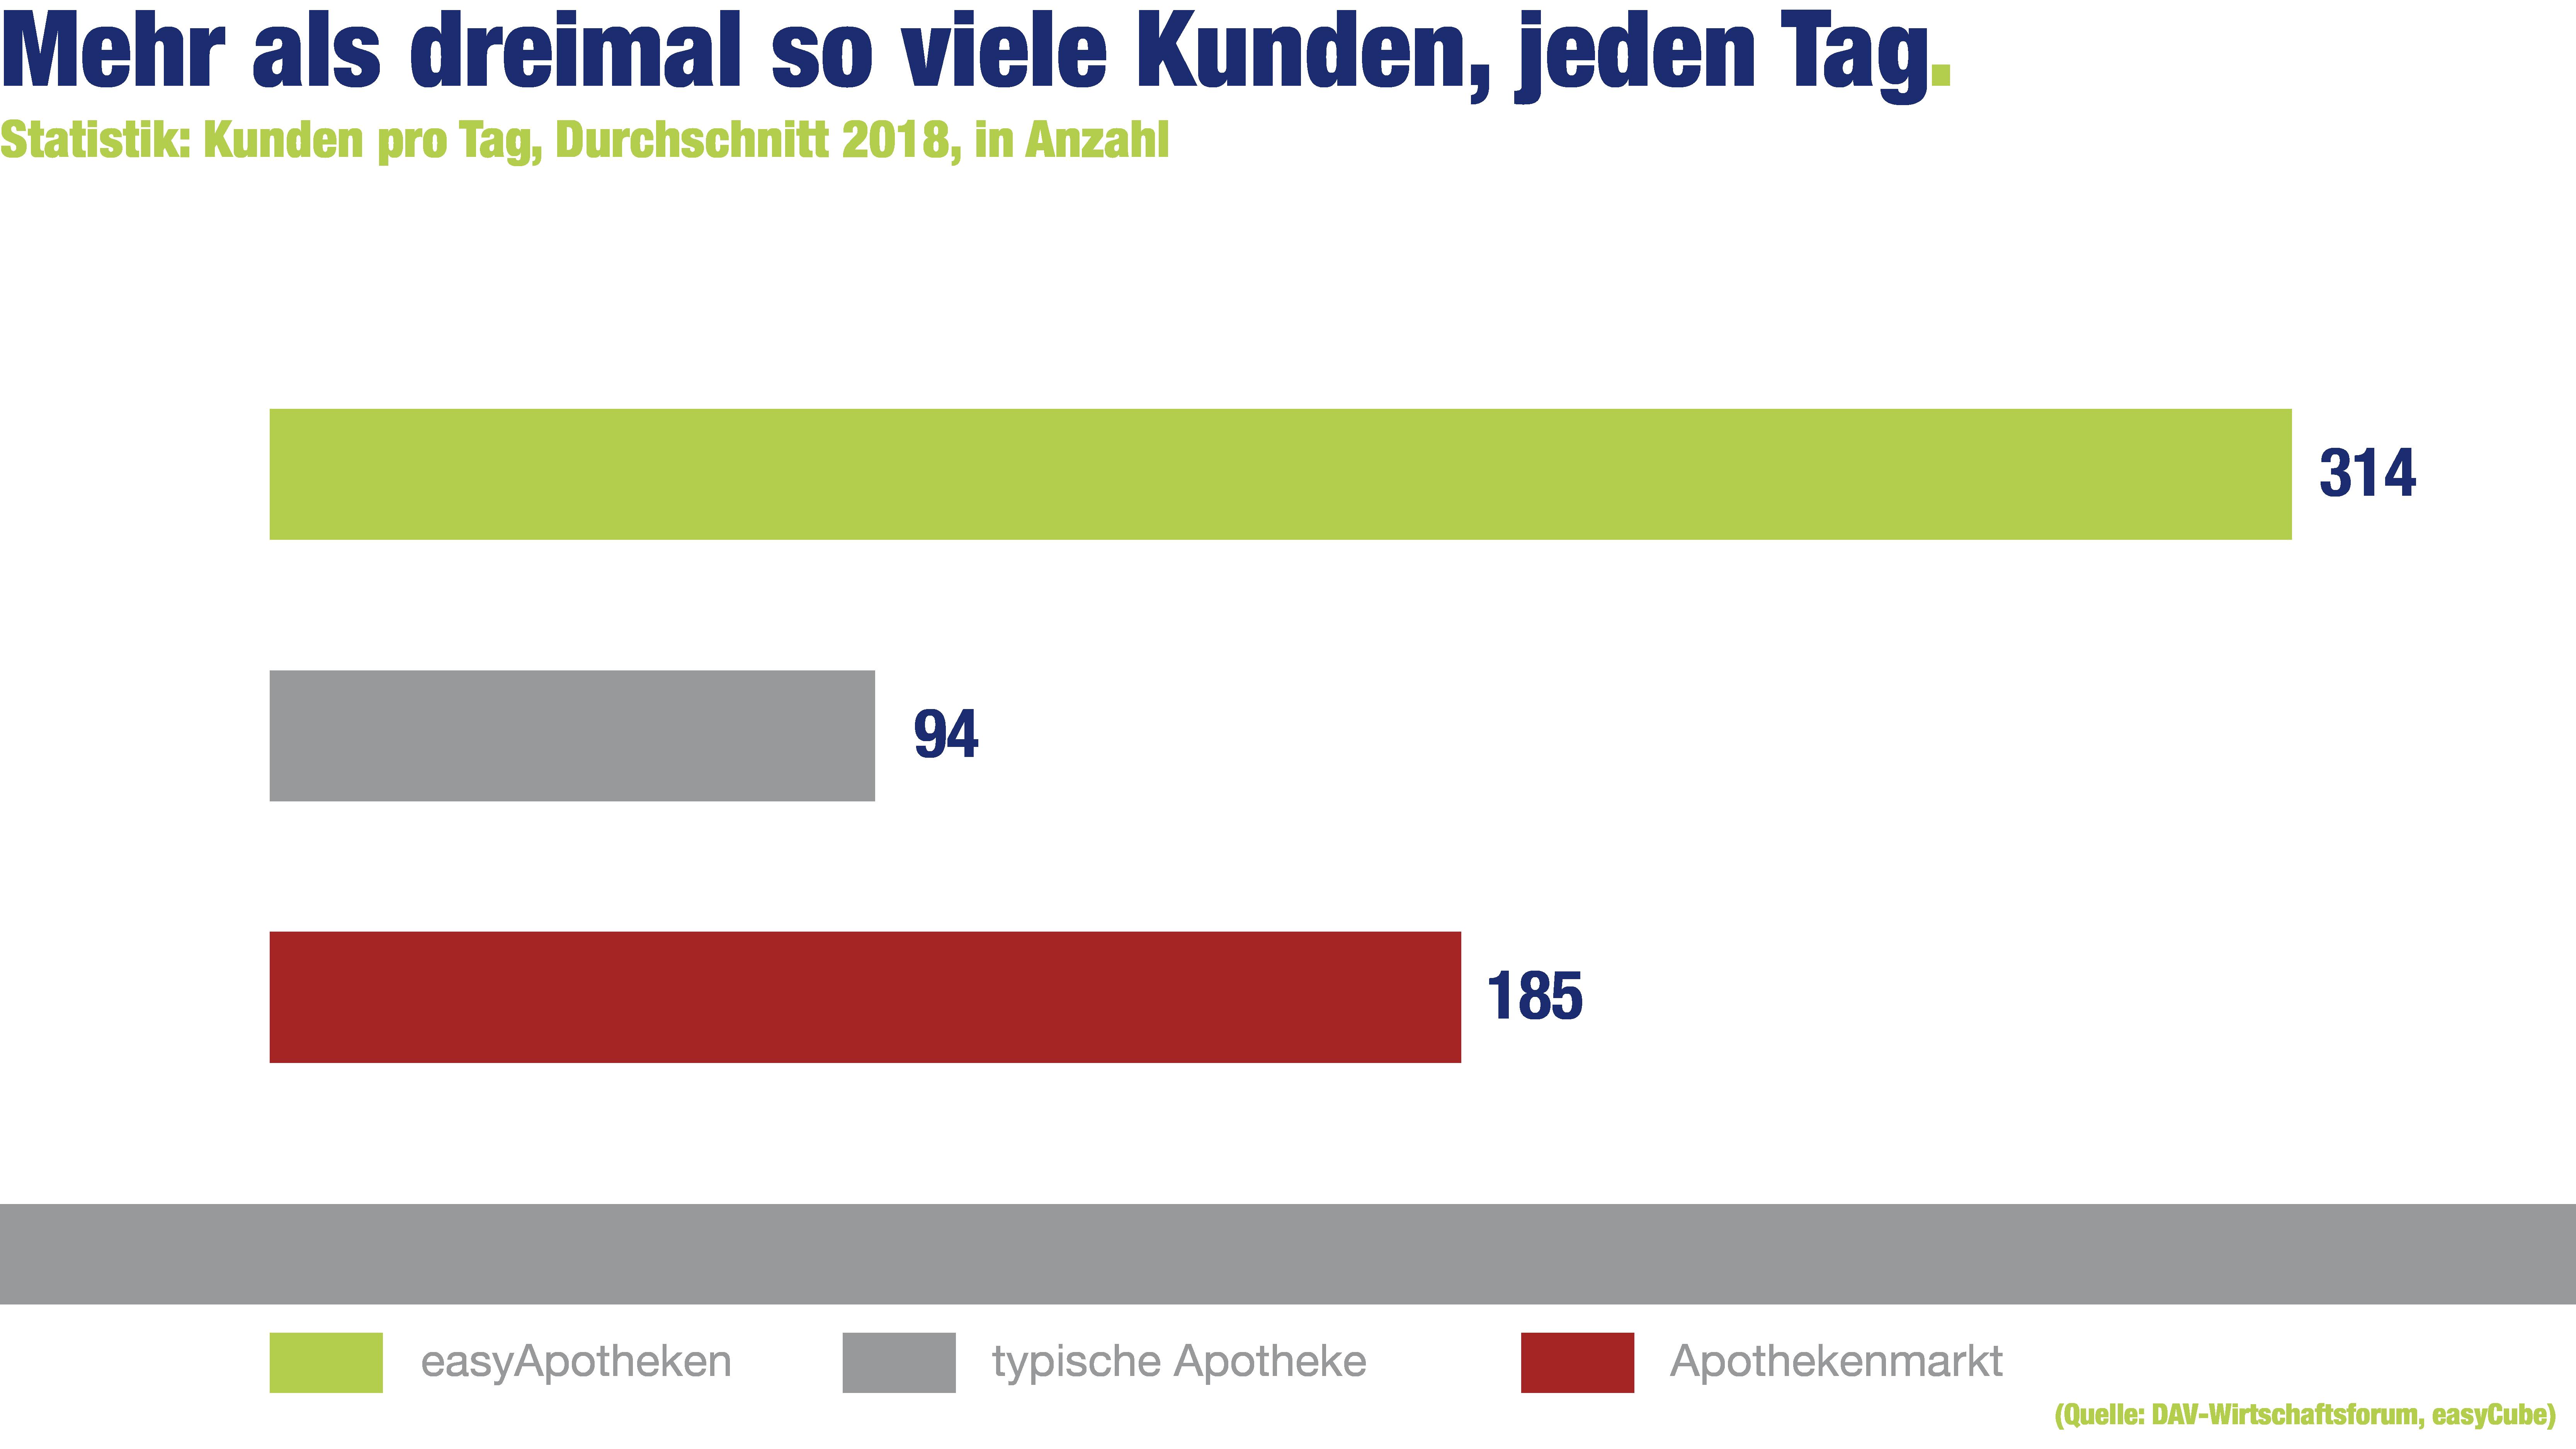 easyApotheke-Grafik: Mehr als dreimal so viele Kunden, jeden Tag